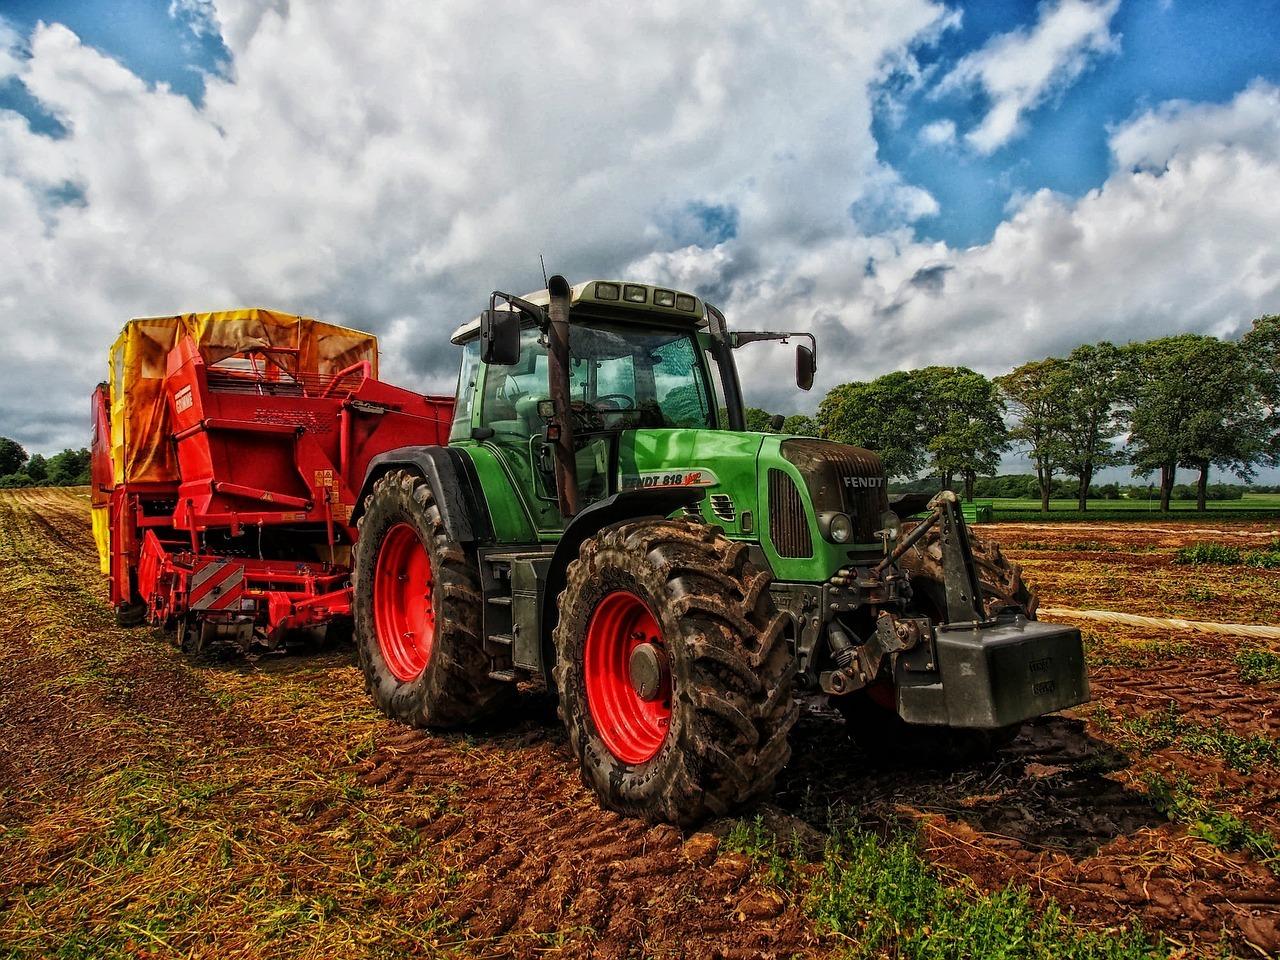 Ste poľnohospodár a vlastníte traktor?